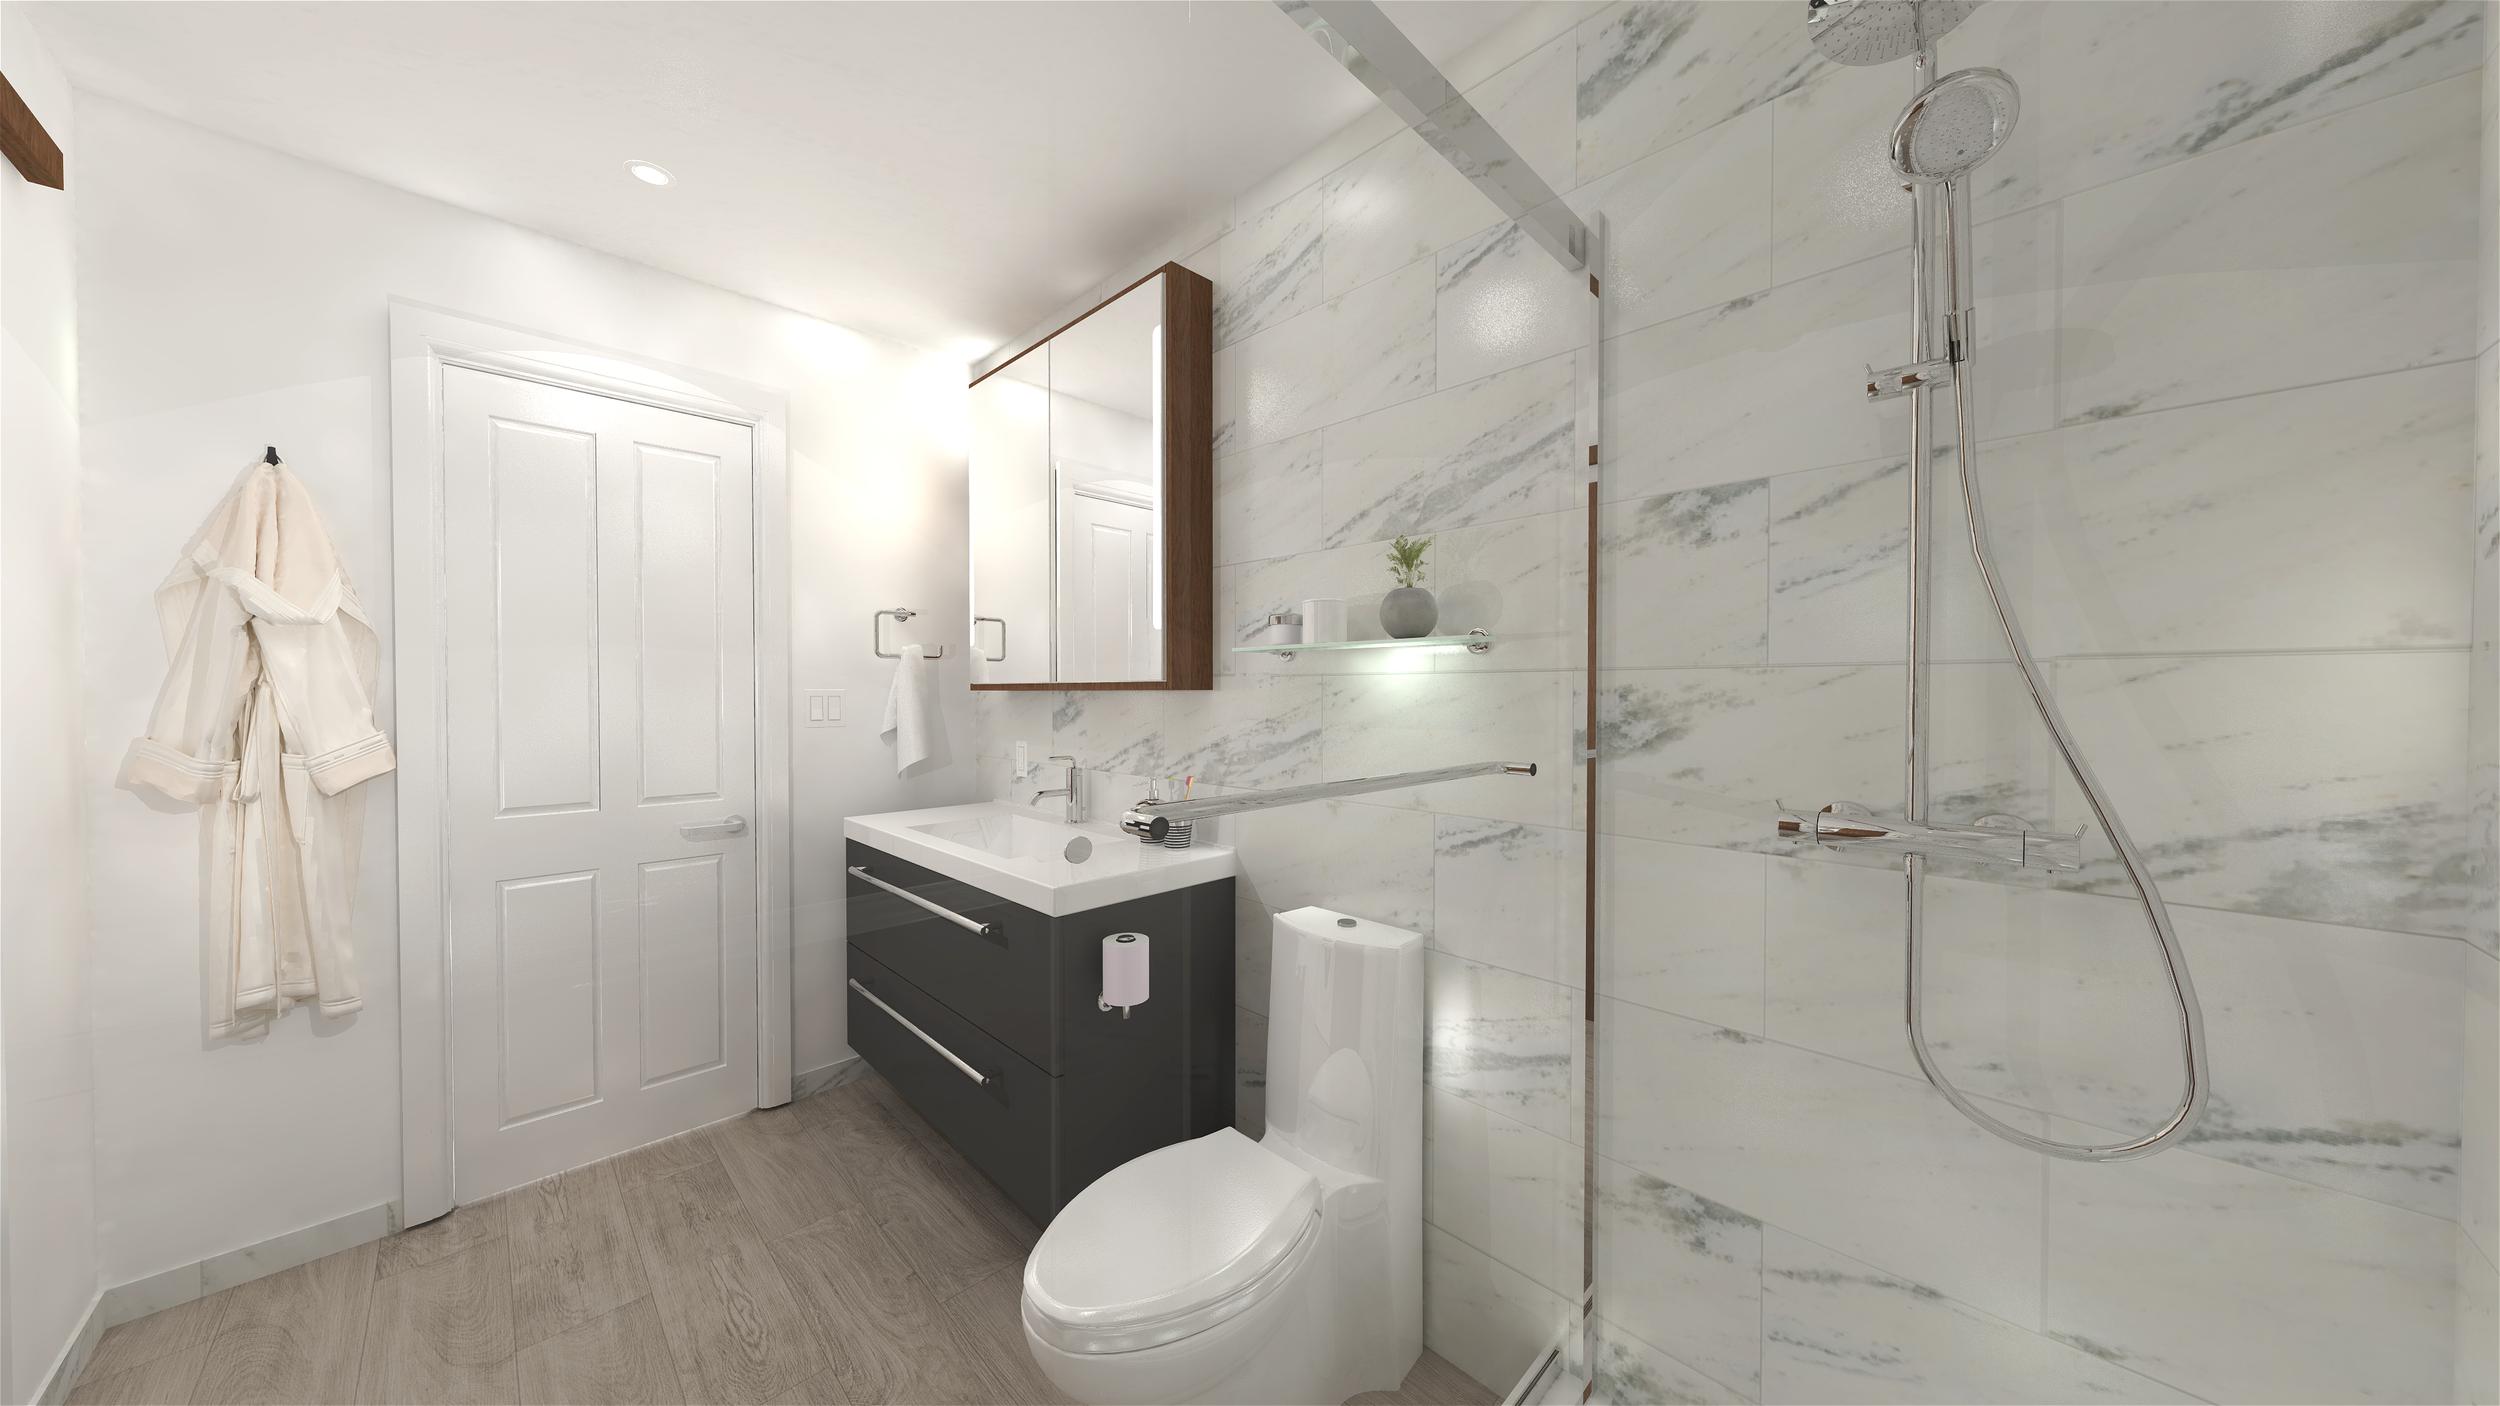 deSousaDESIGN_Bathroom_Small_Lux_V1e_3840_2160.png